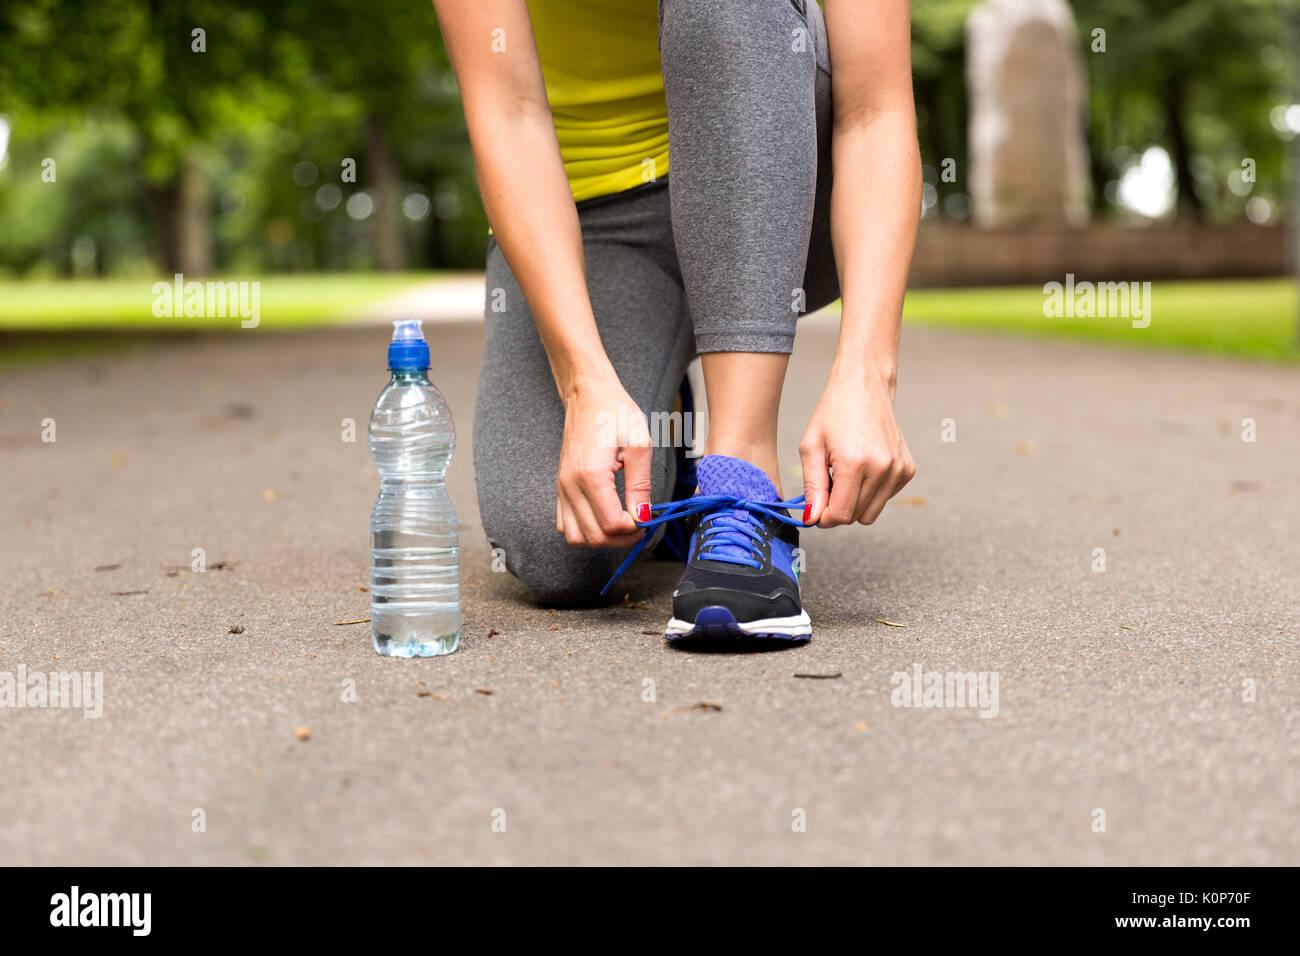 Giovane donna la legatura dei lacci delle scarpe da corsa prima del training. Uno stile di vita sano concetto Immagini Stock